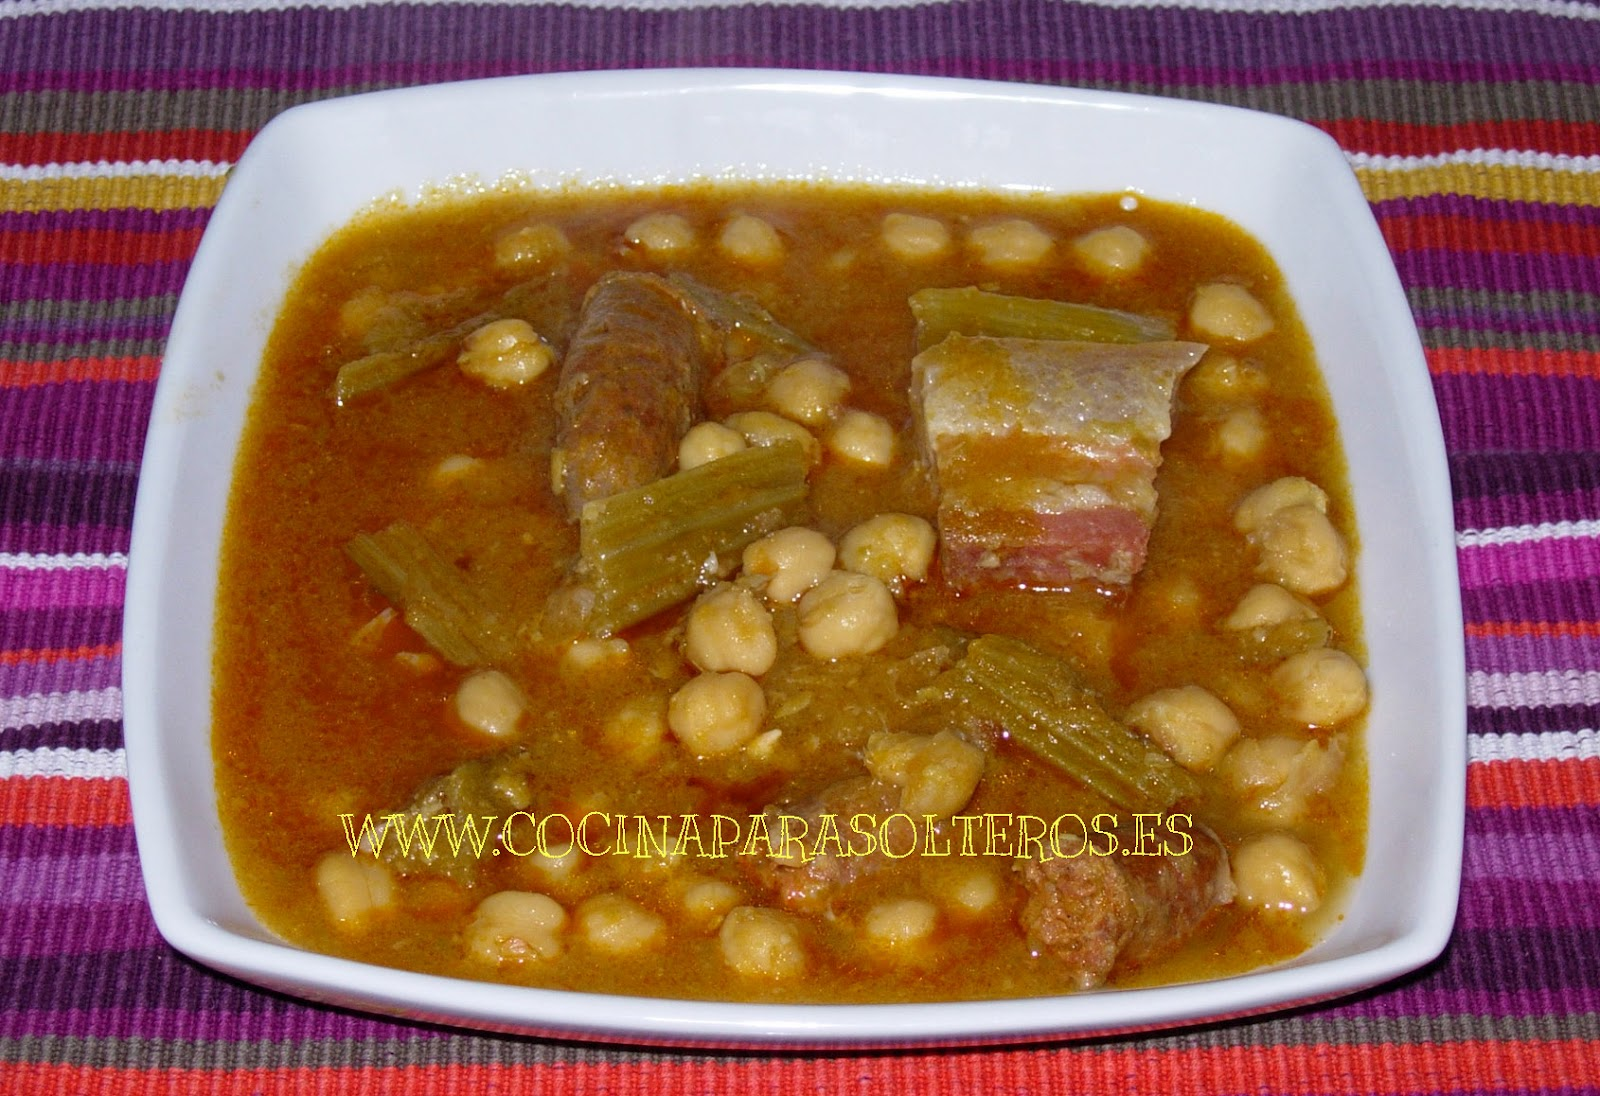 Cocinar Berza | Potaje De Garbanzos Y Cardos Cocina Para Solteros